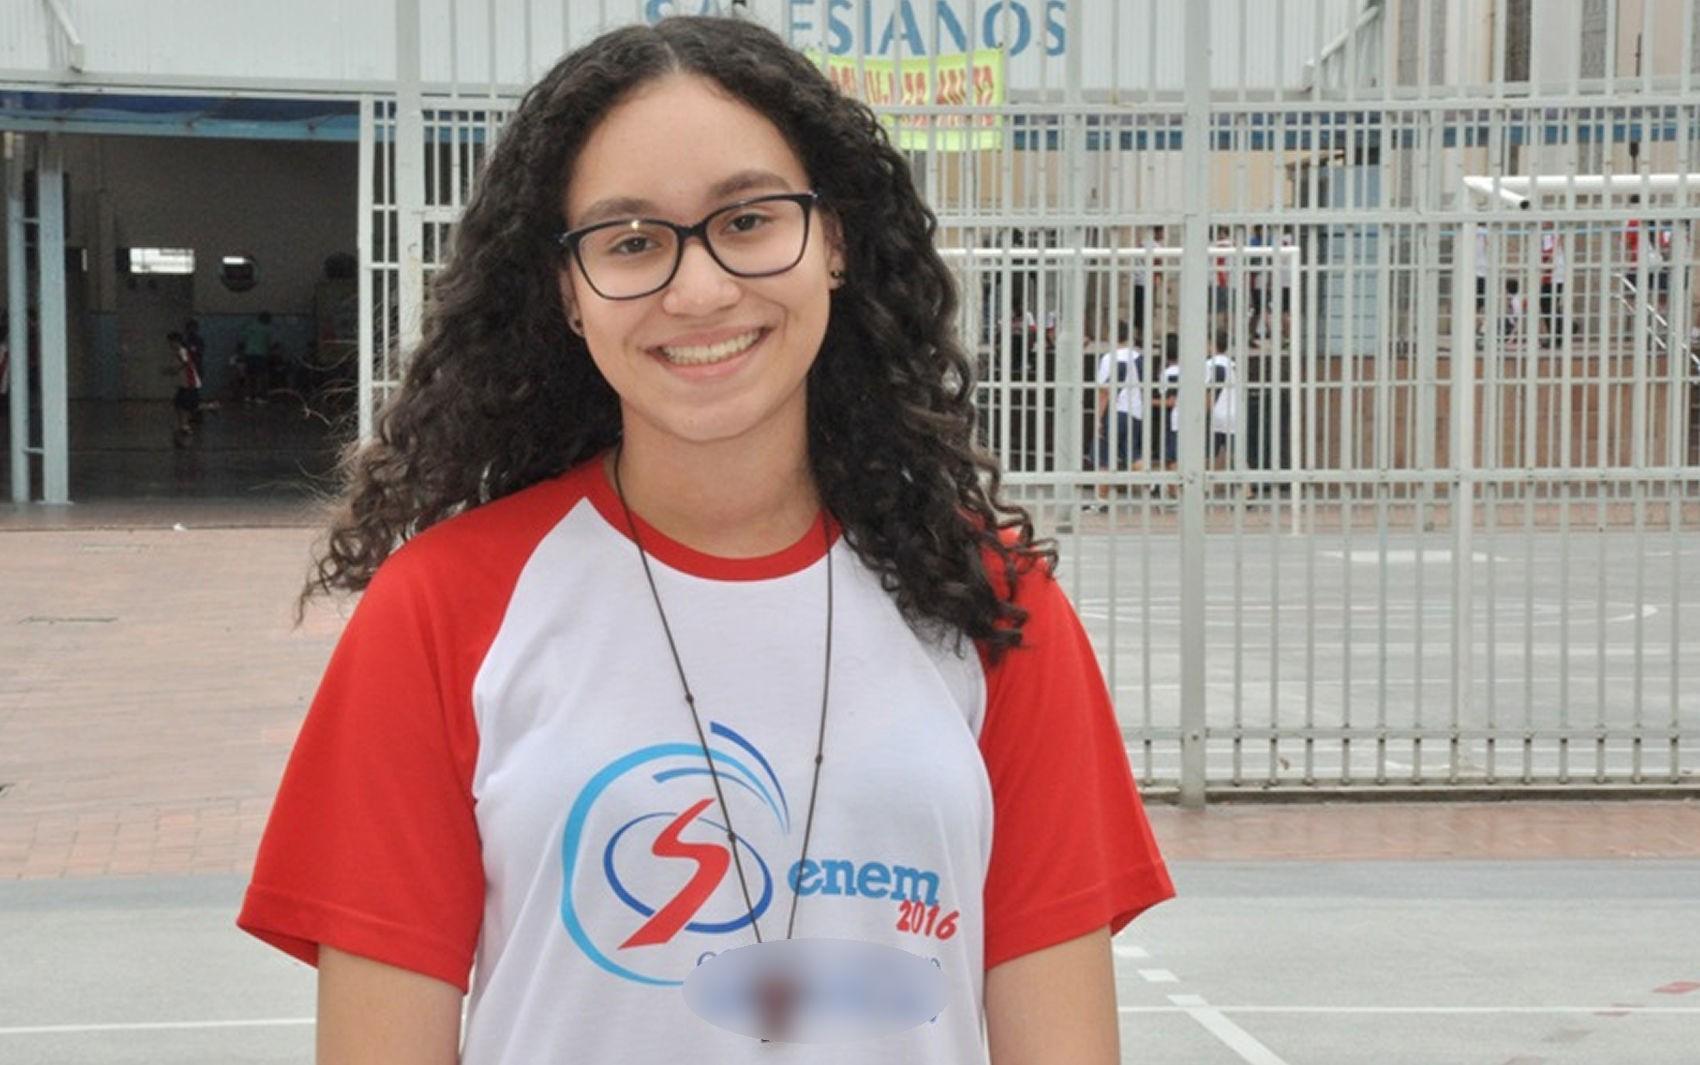 Estudante de Cuiabá tira nota 1.000 no Enem pela 2ª vez e quer cursar medicina: 'Fiquei surpresa'